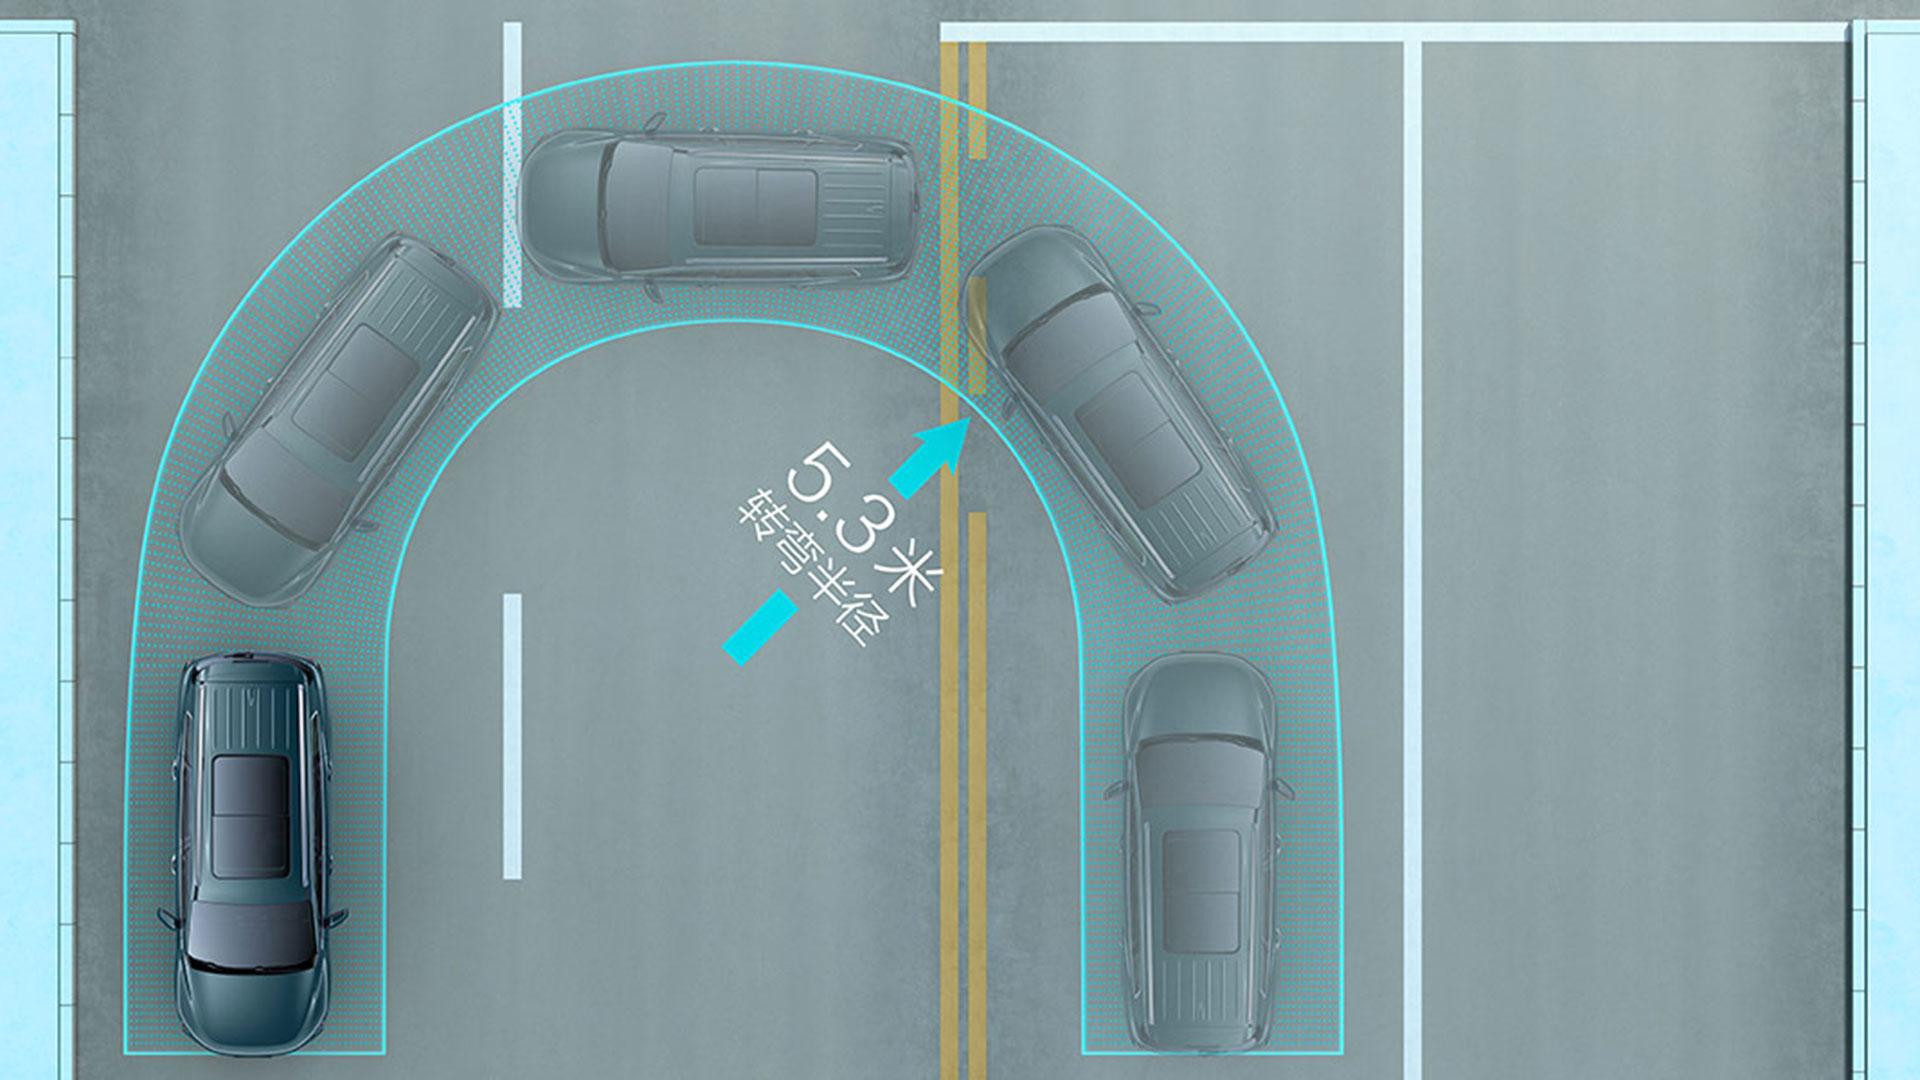 10万预算自驾游实用之选 高配置价格比+智能+安全兼具